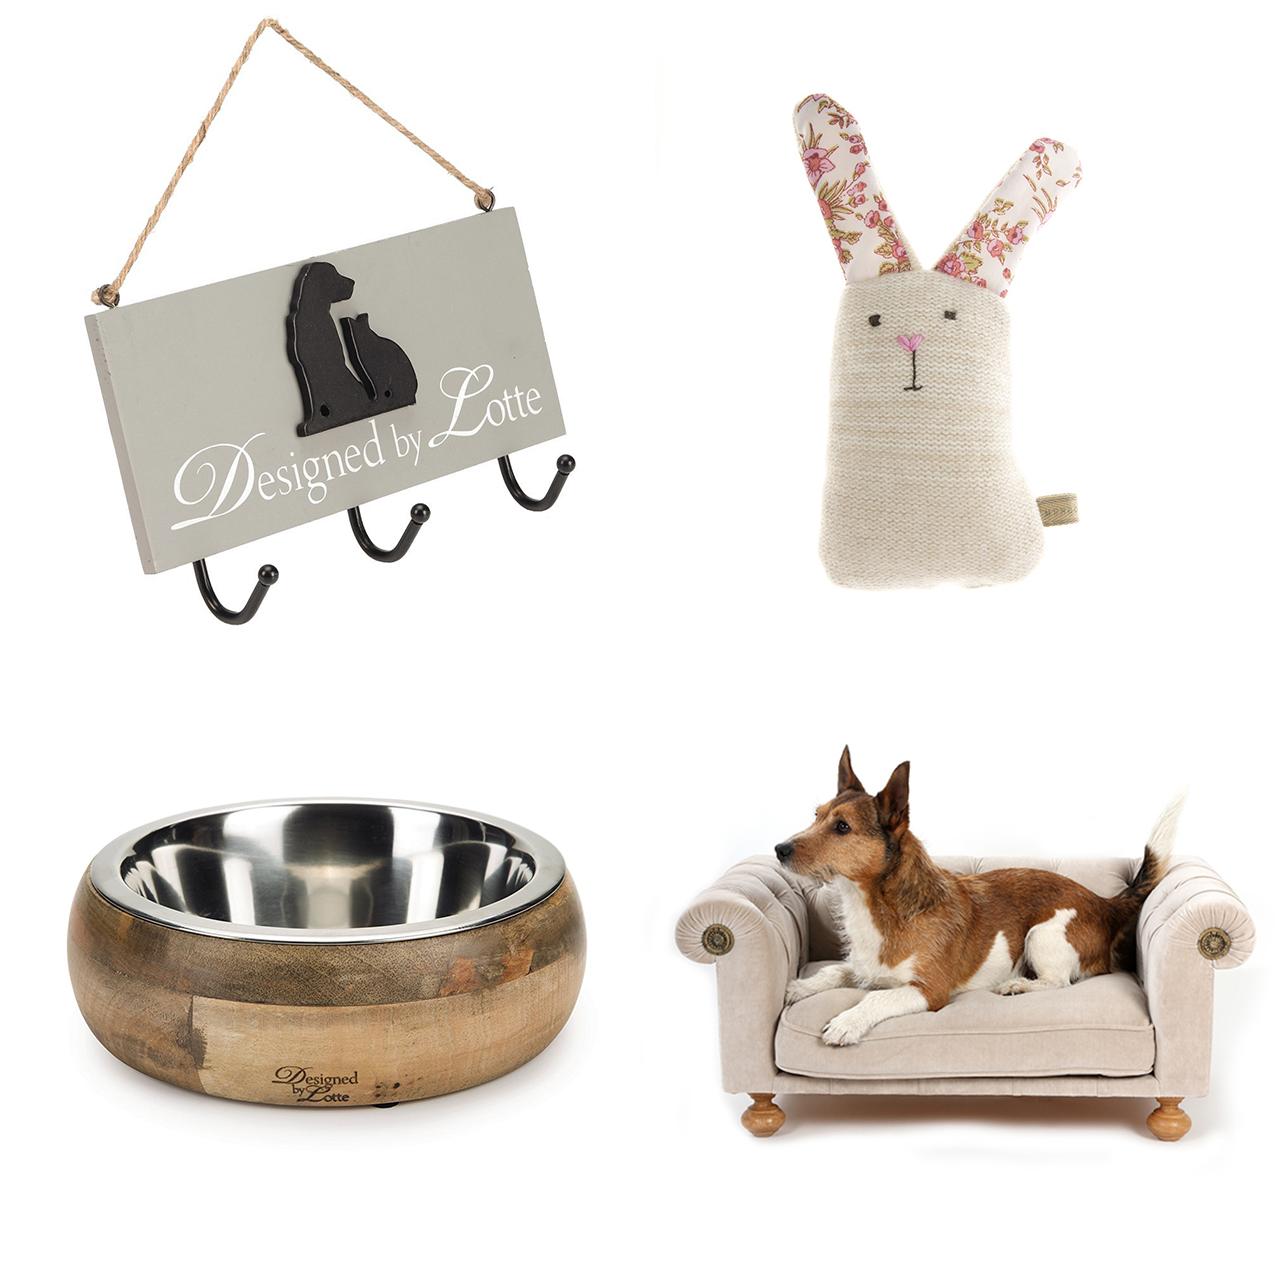 Ispirazioni di pet design | Stile shabby chic per cani e gatti